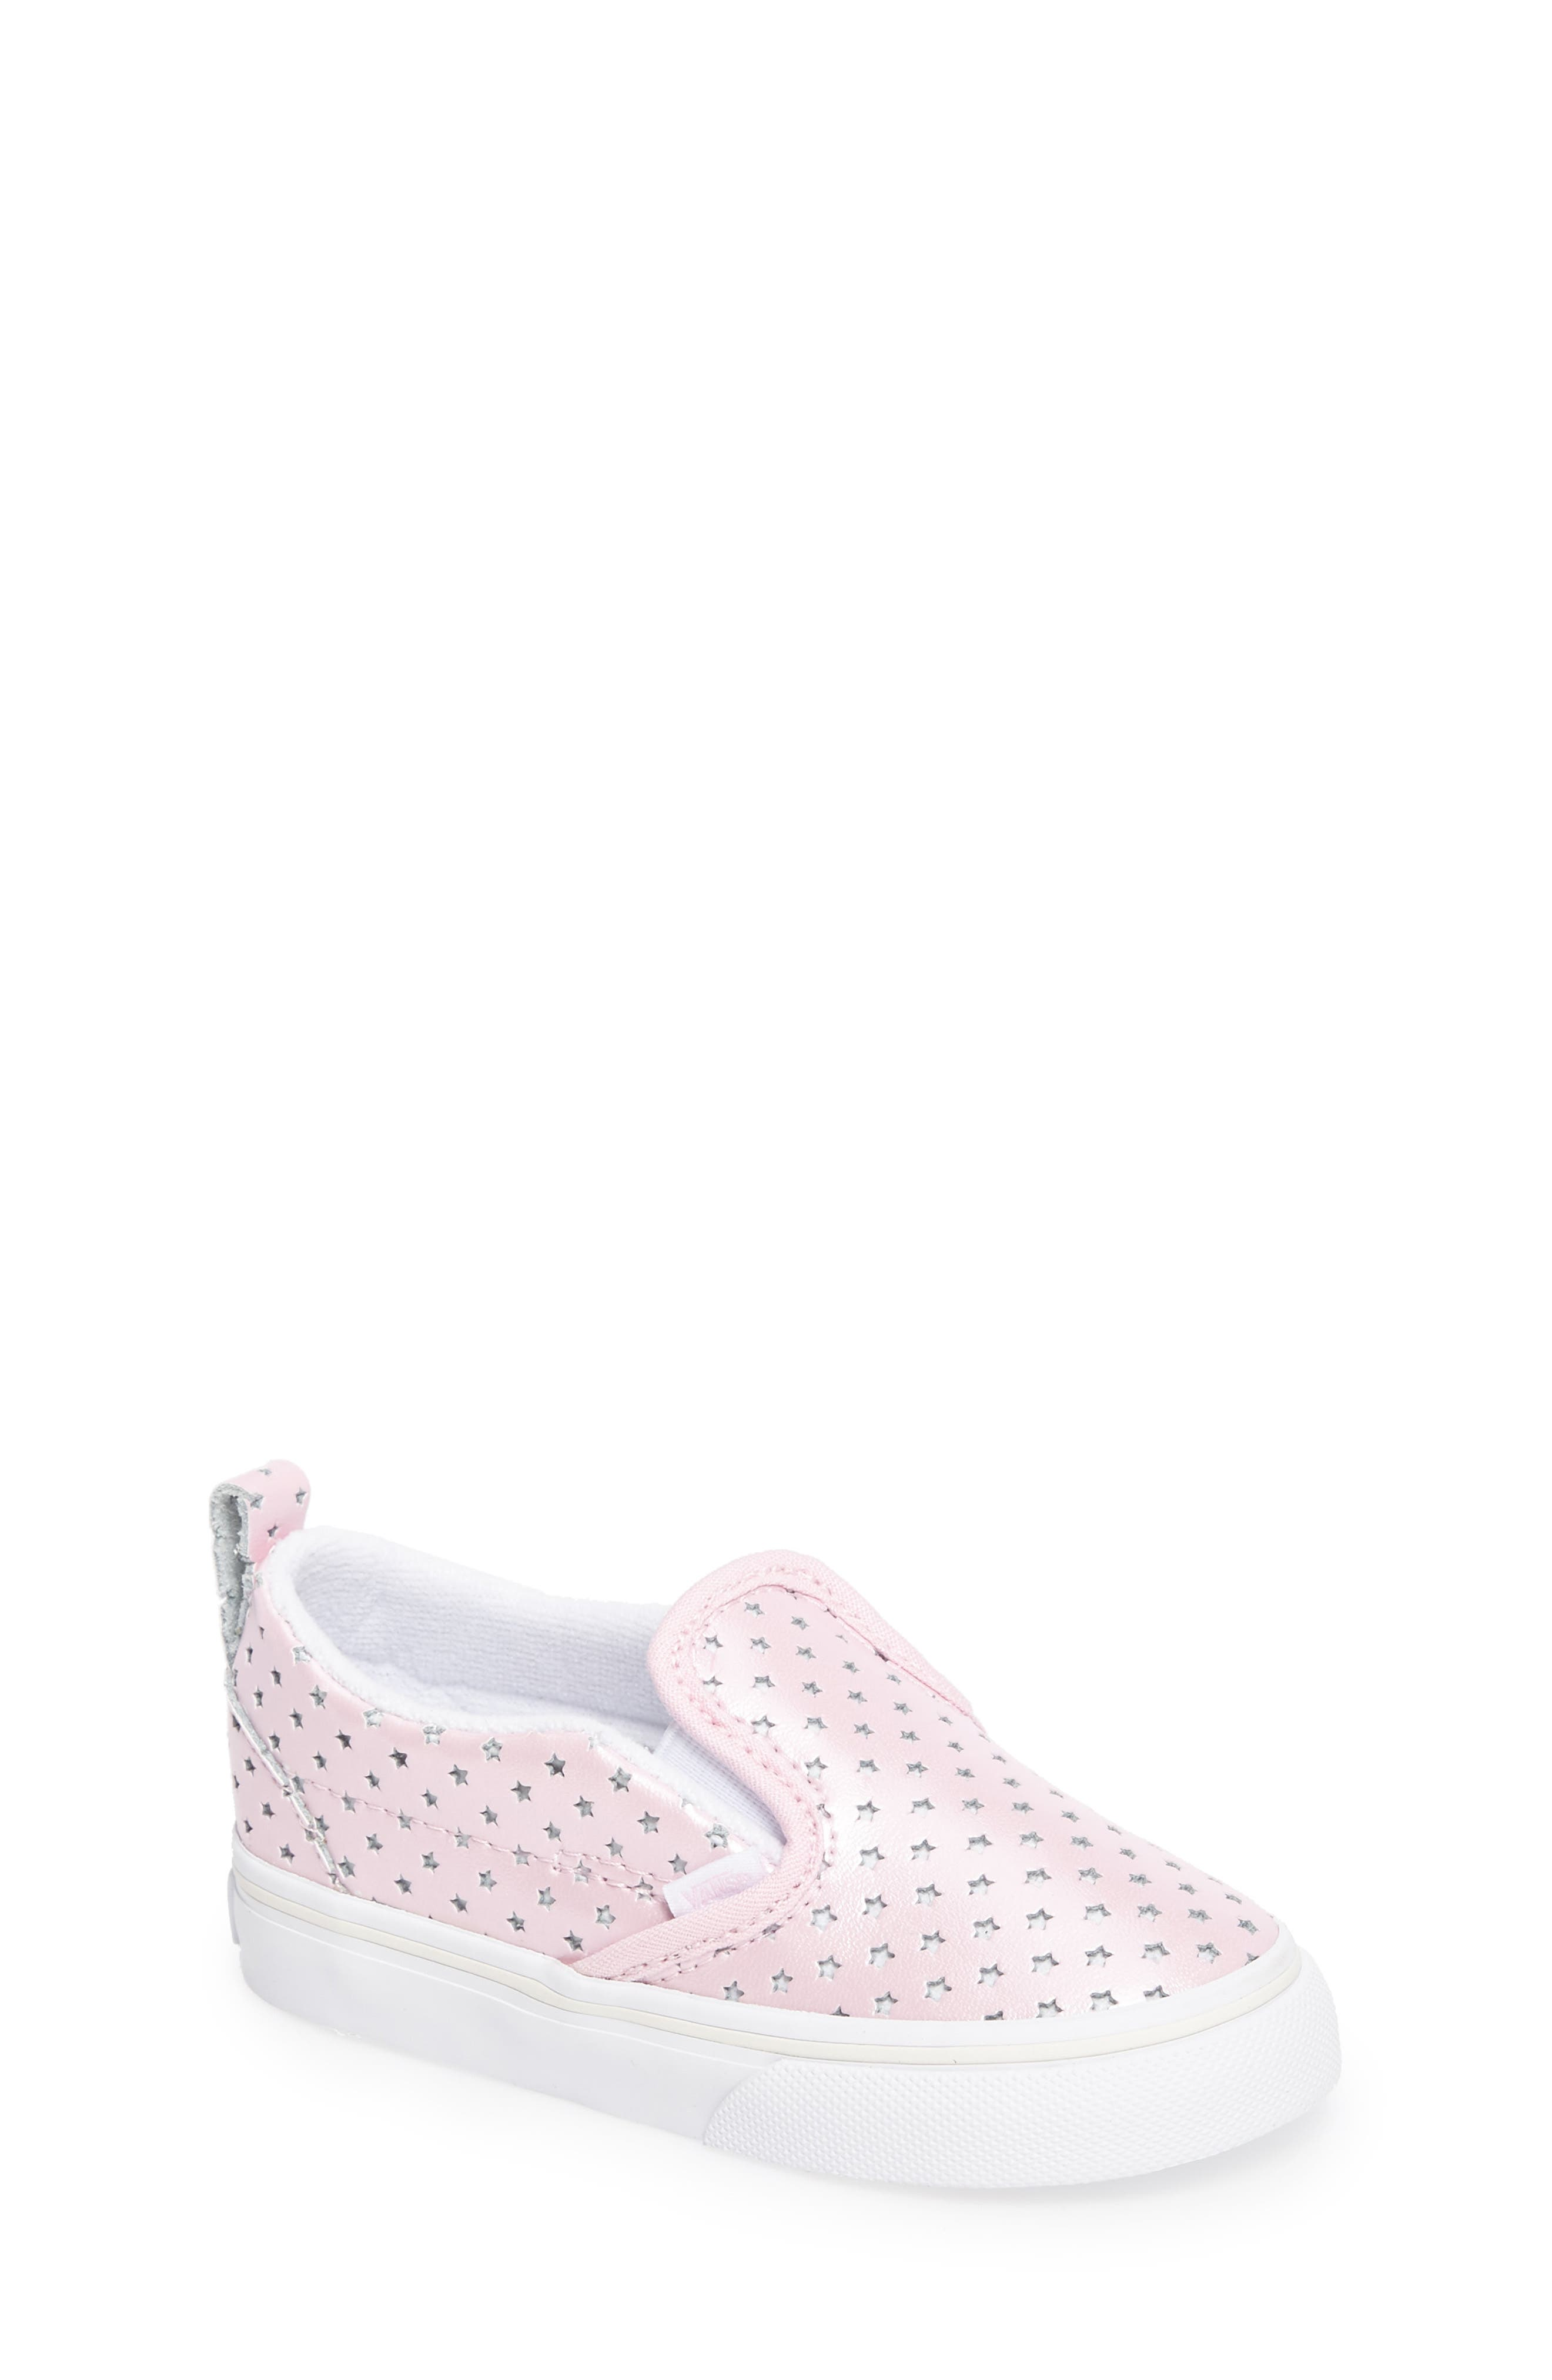 Vans Classic Perforated Slip-On Sneaker (Baby, Walker, Toddler, Little Kid & Big Kid)